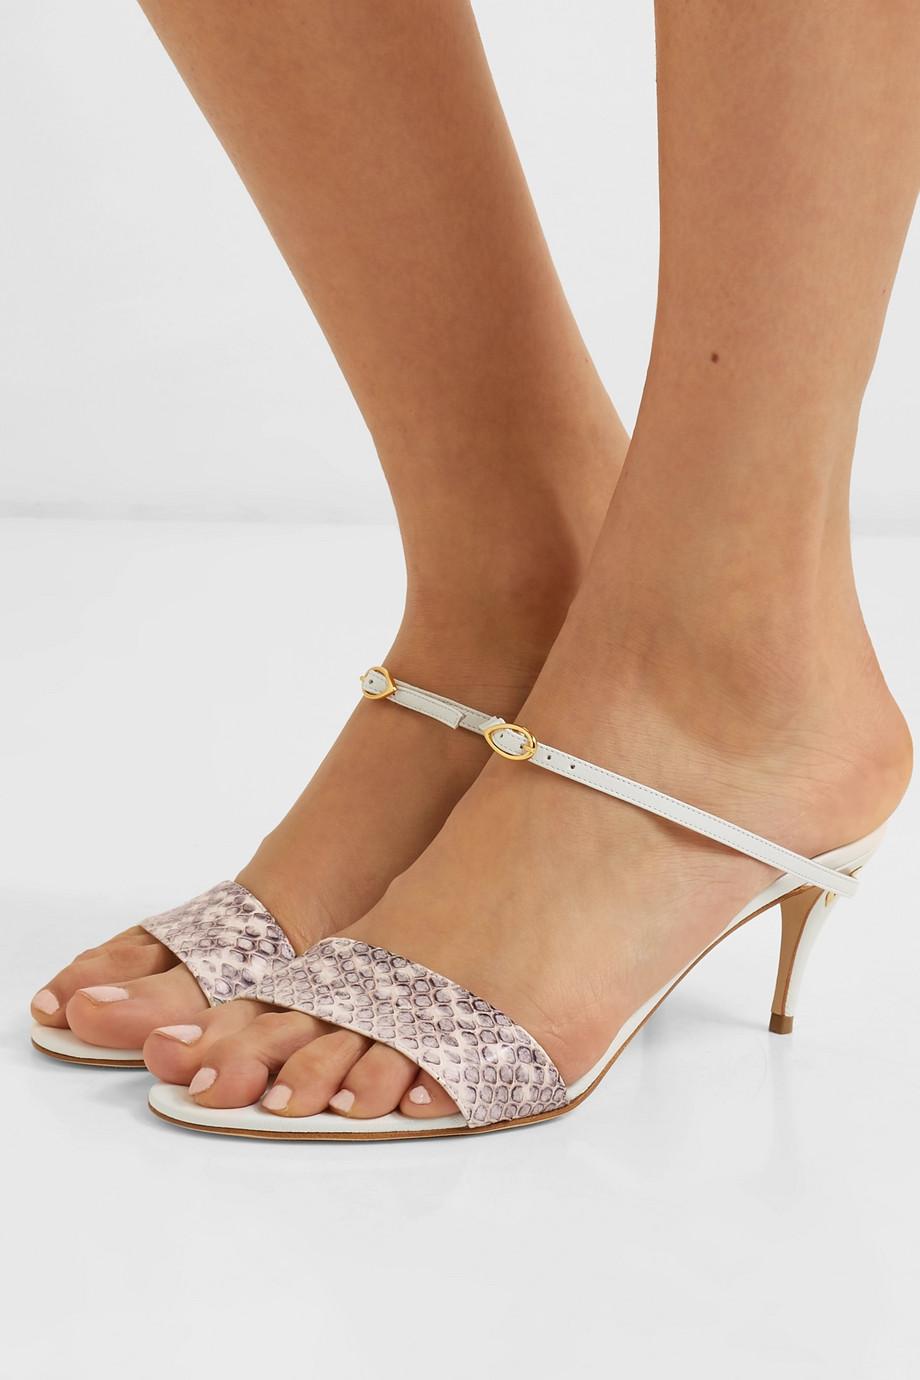 Jennifer Chamandi Andrea 65 elaphe and leather sandals